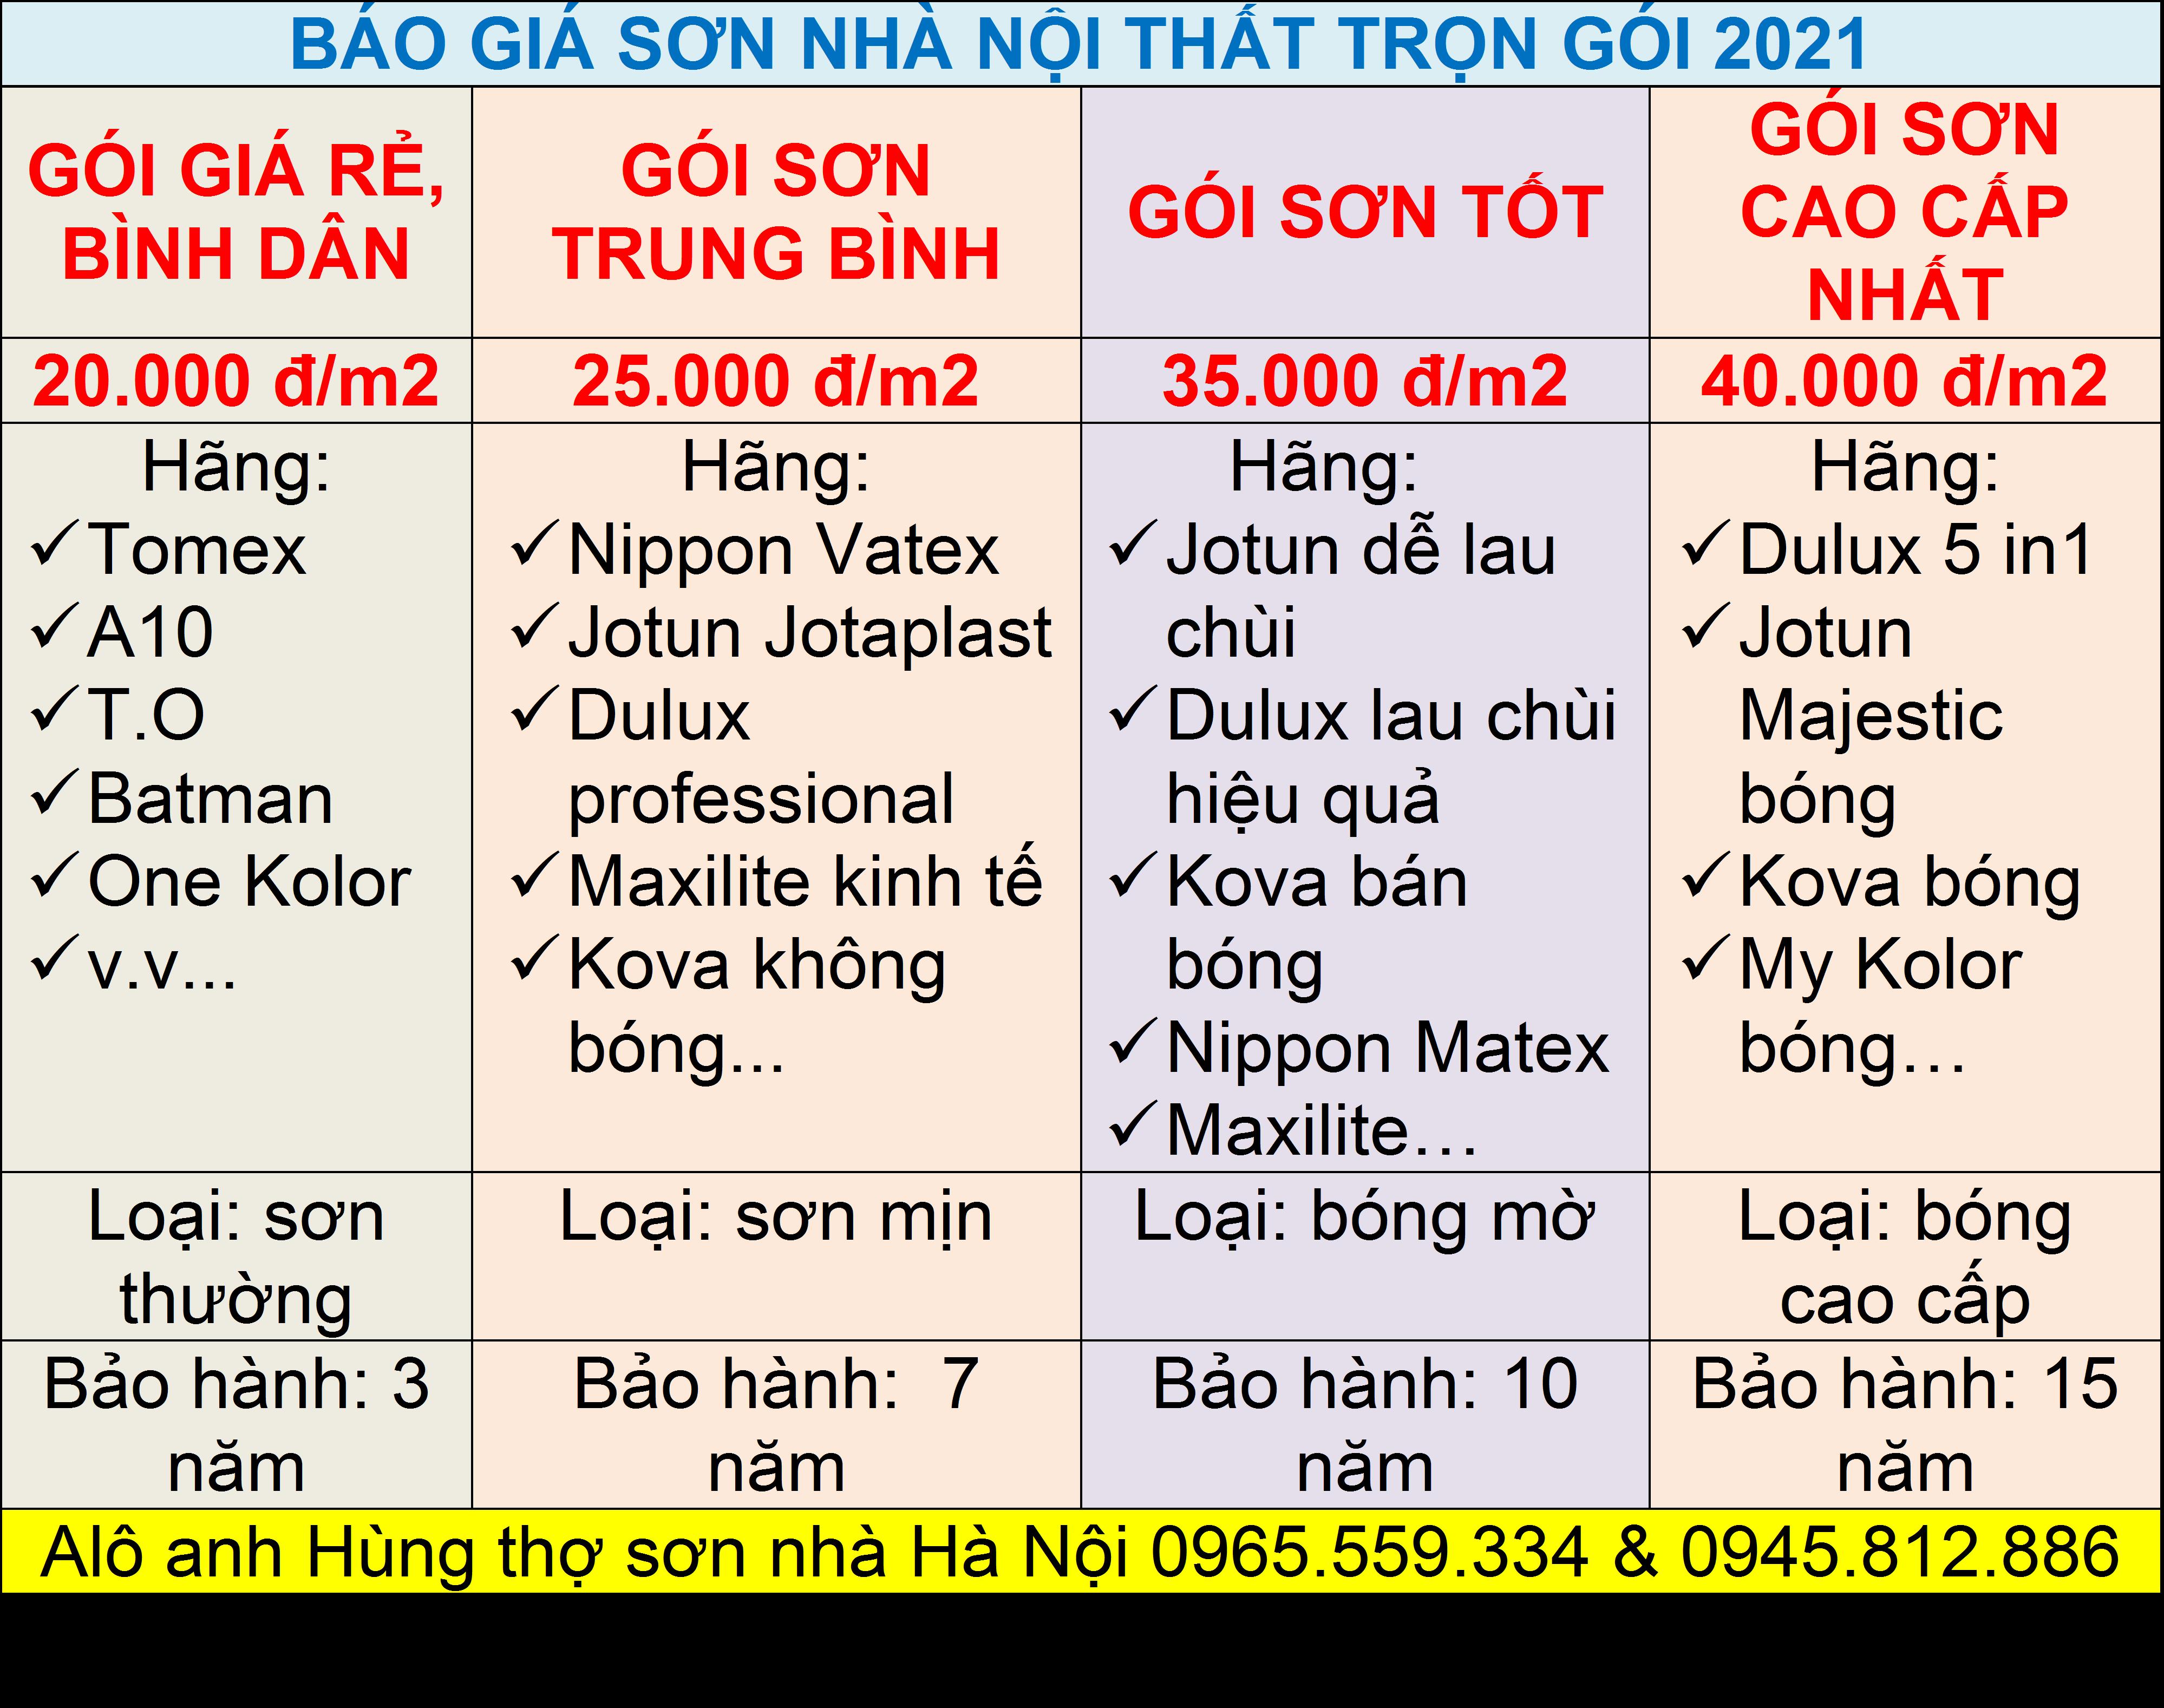 Báo giá sơn nhà nội thất trọn gói tại Hà Nội 2021